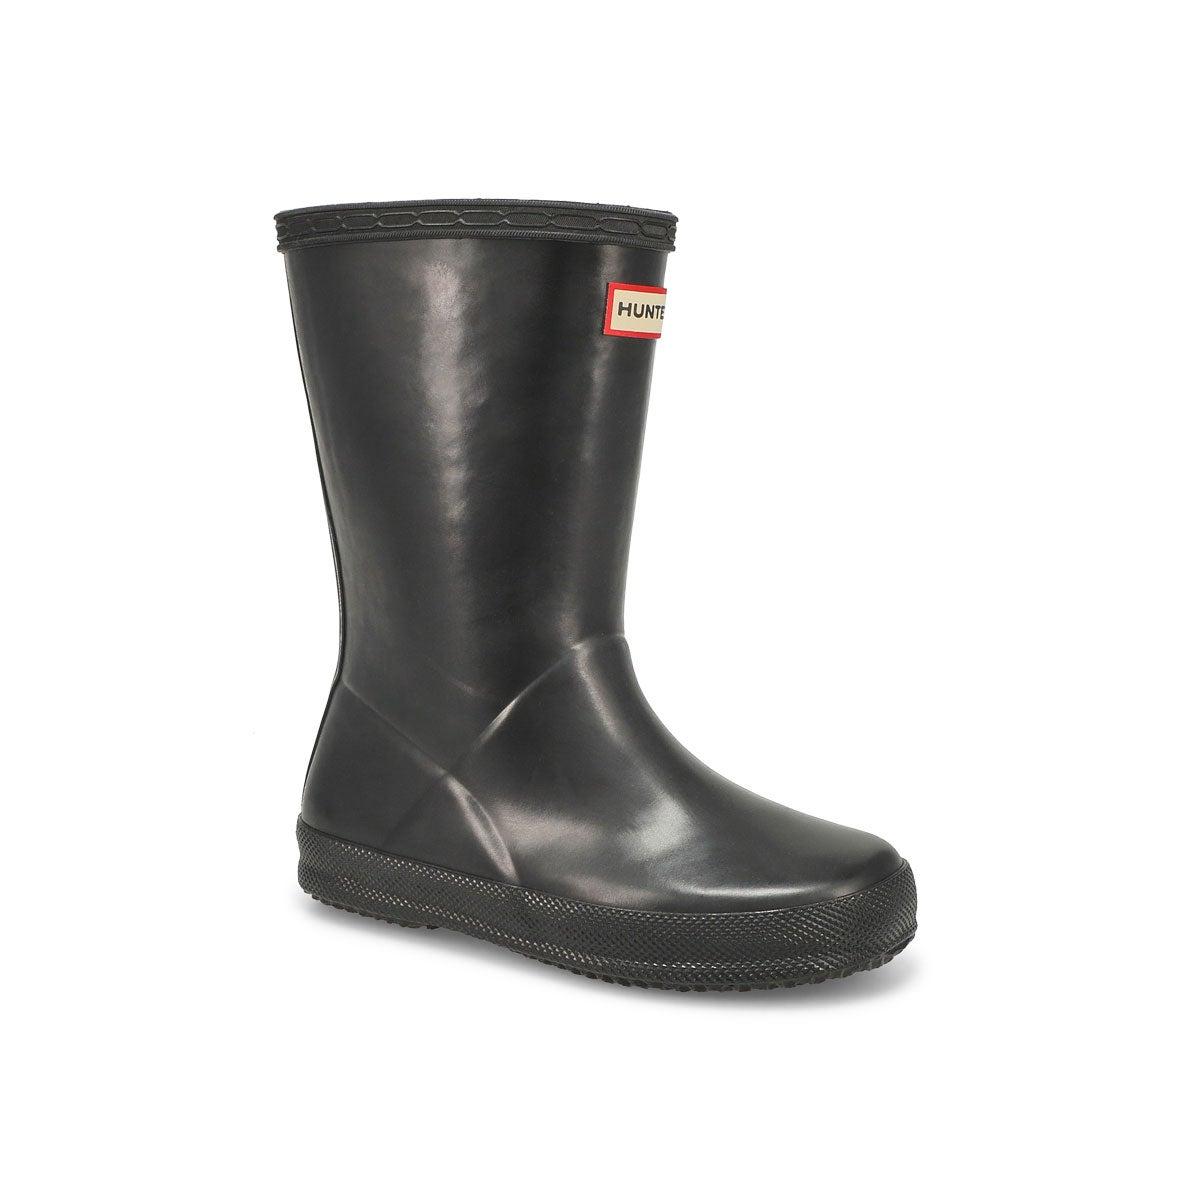 Infs First Classic Gloss blk rain boot